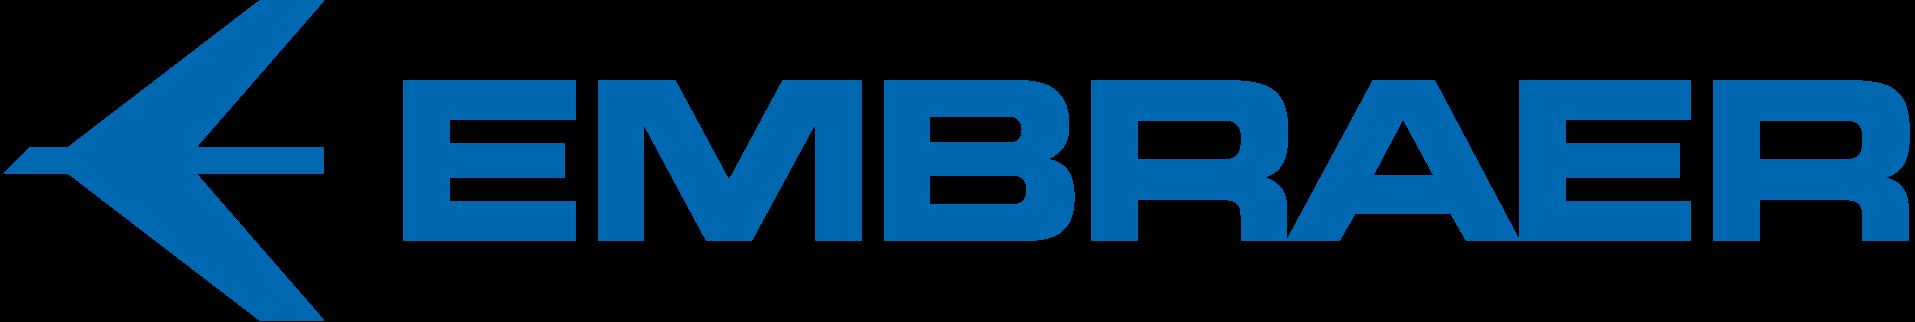 Embraer_logo